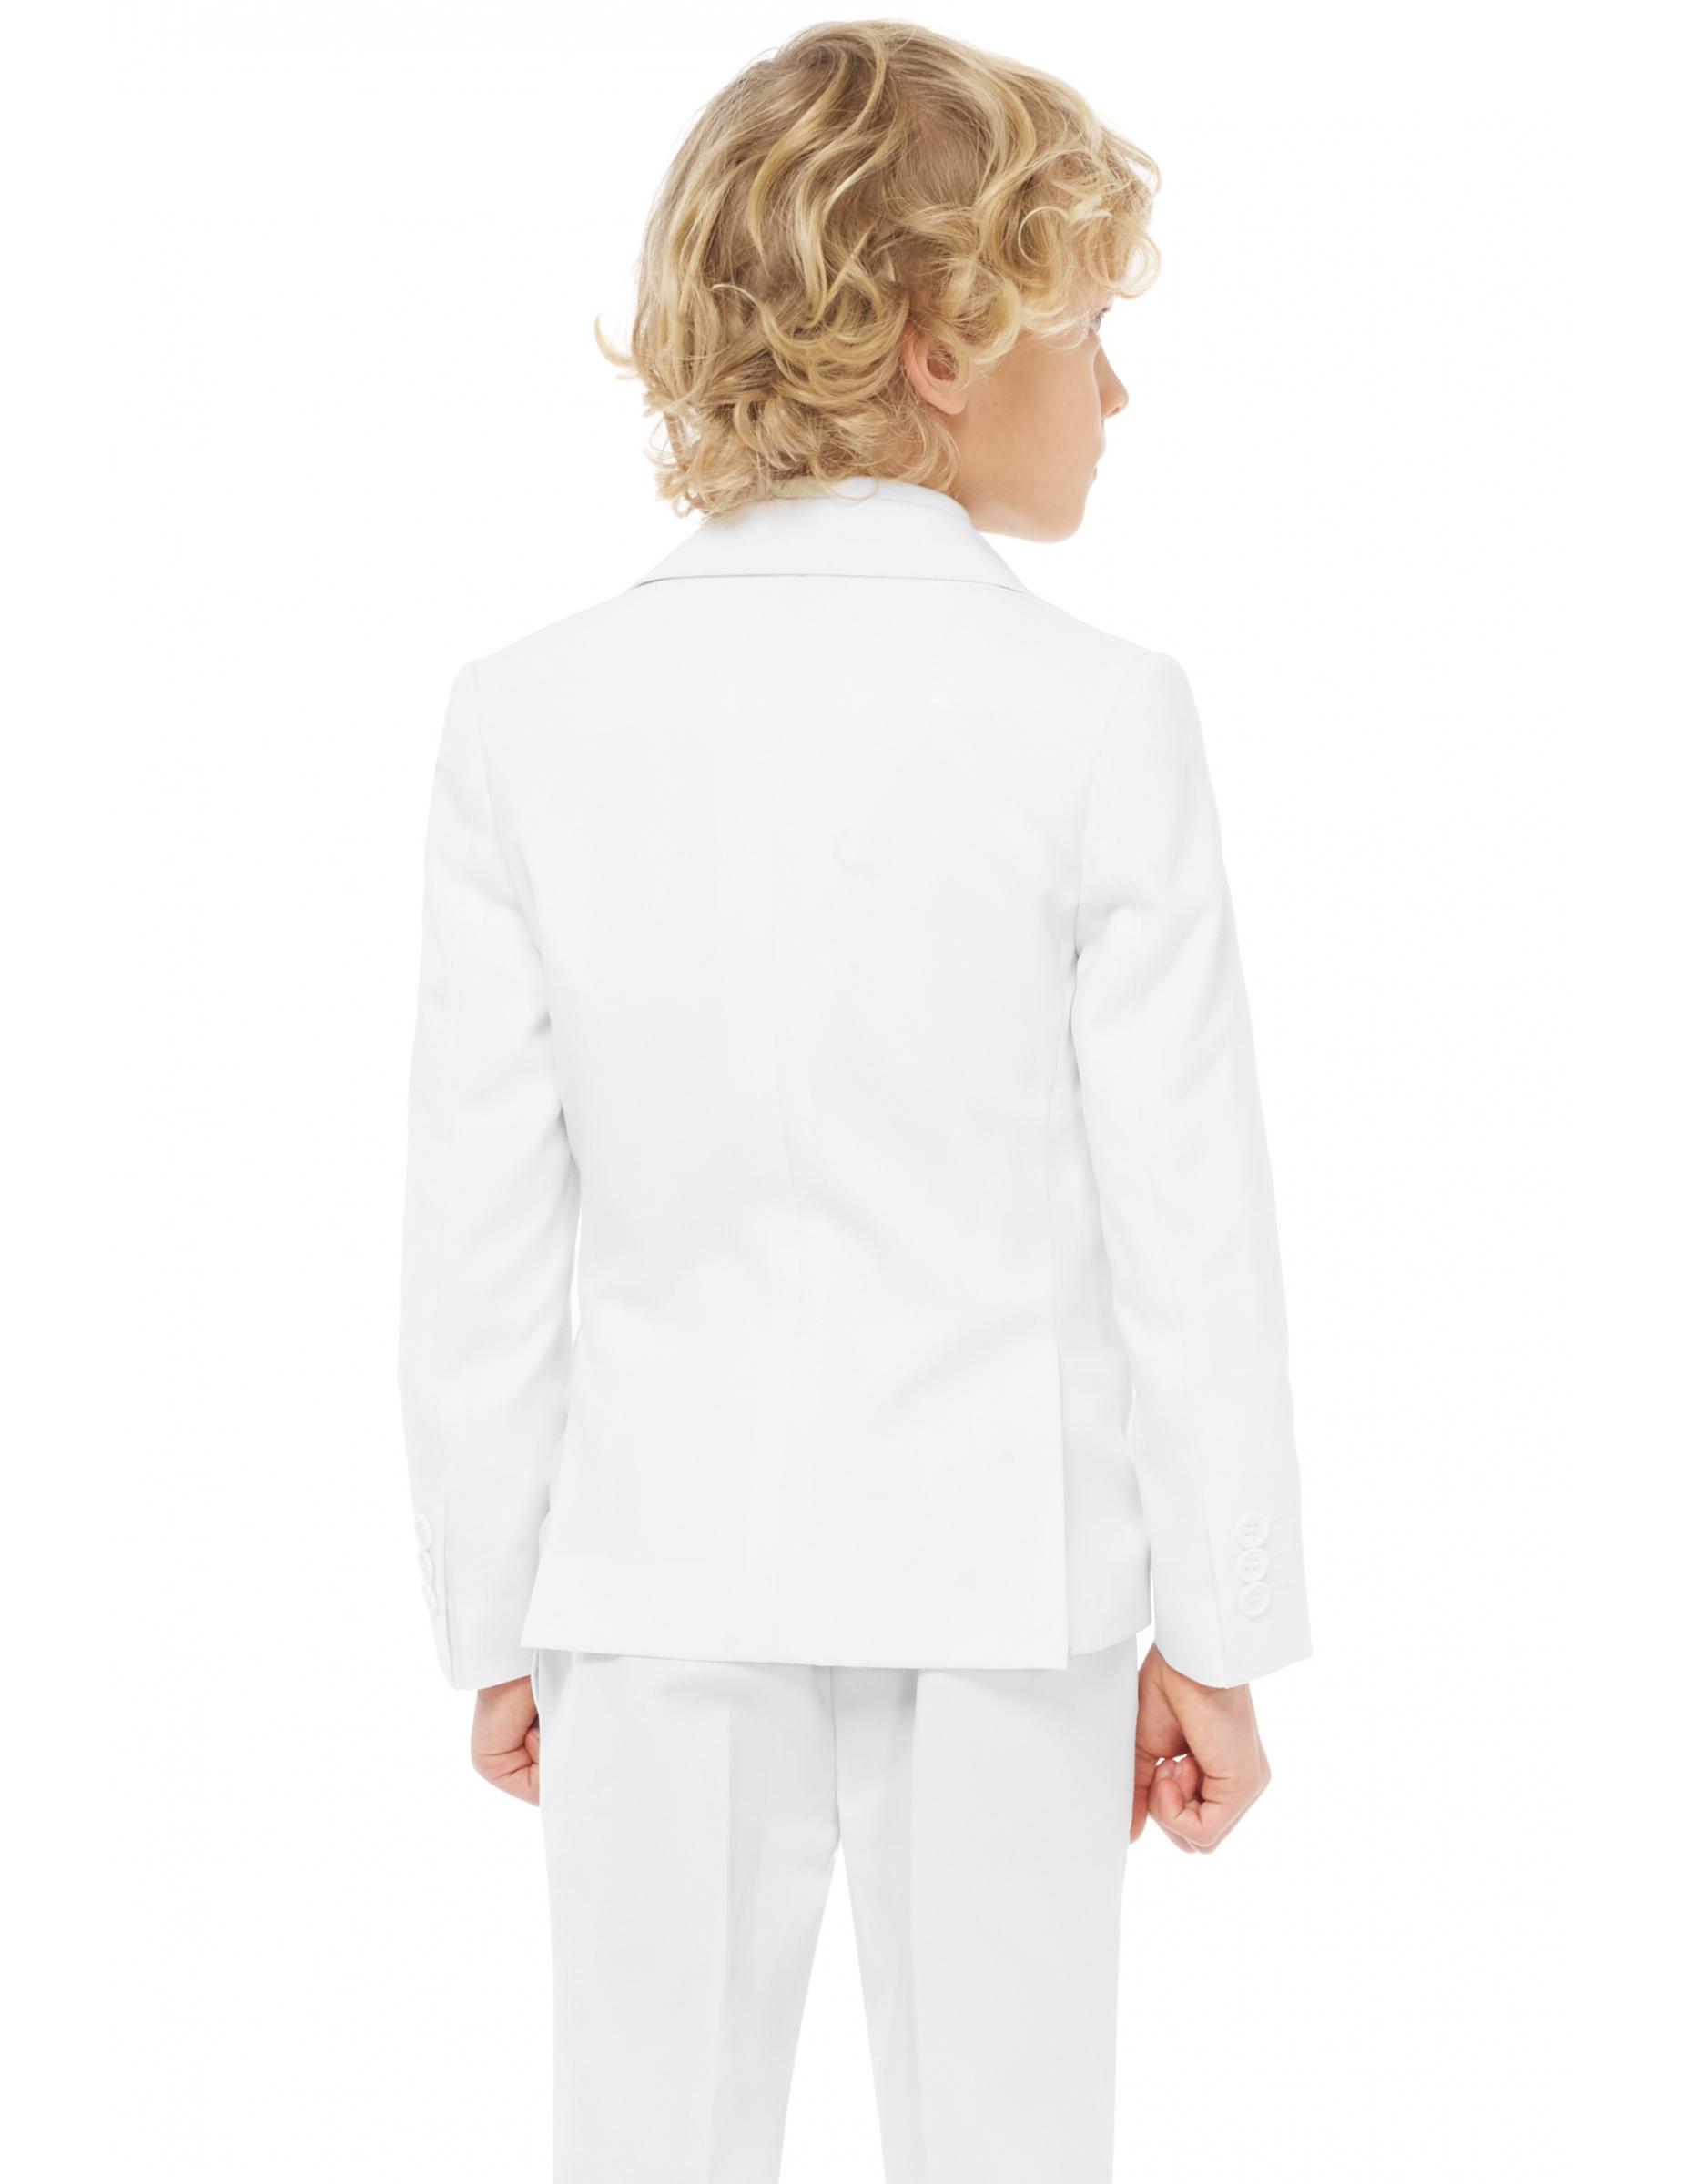 20cbe623924 Mr. White jakkesæt til børn - Opposuits™, køb Kostumer til børn på ...